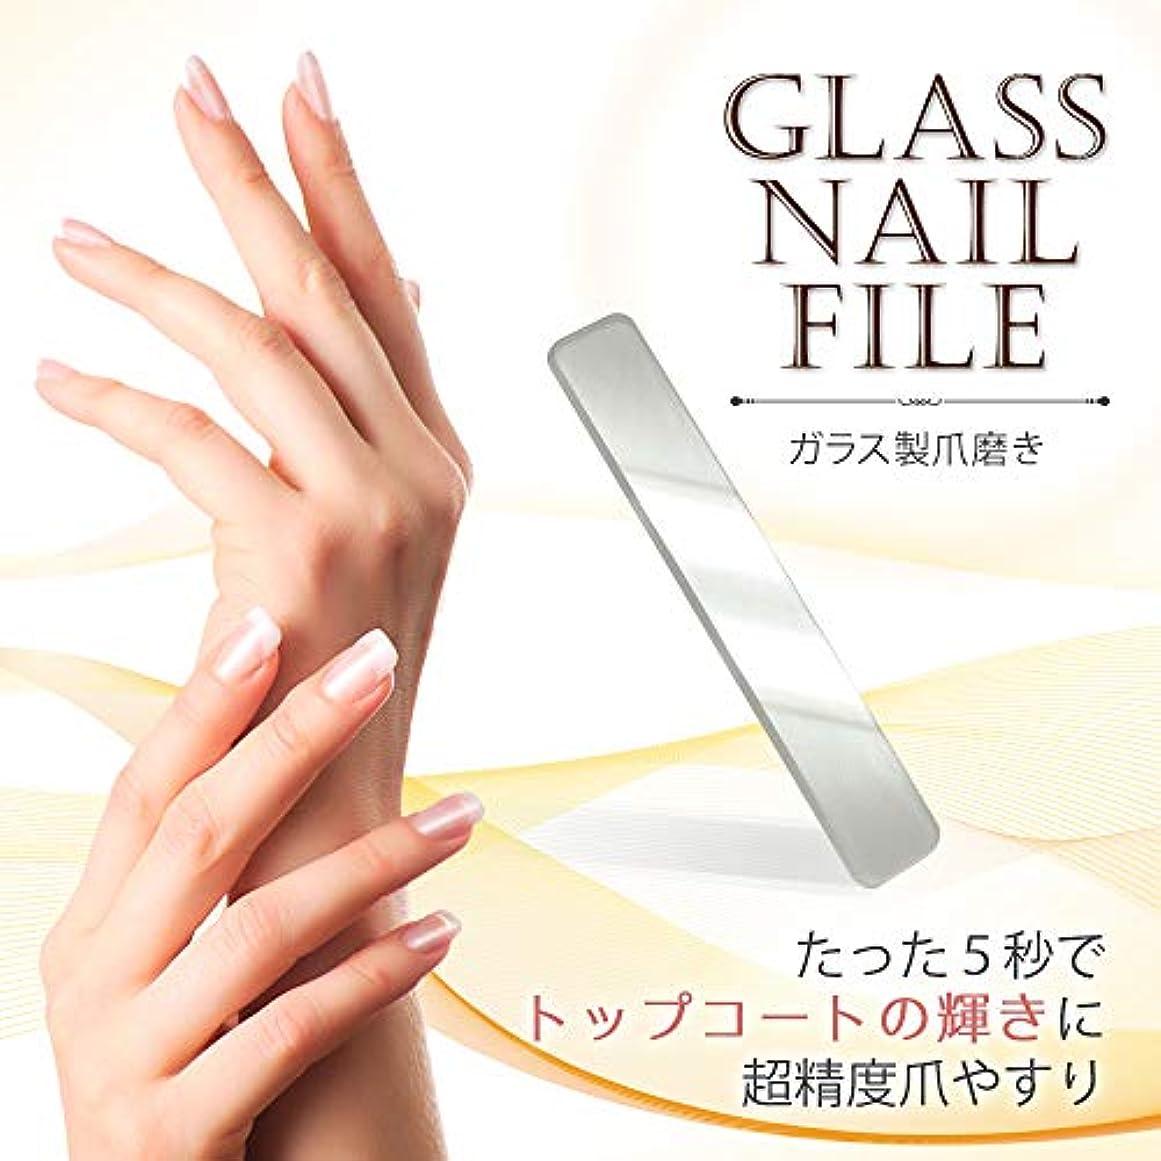 任意岸良さ5秒で実感 Glass Nail File (ガラス製 爪やすり 爪みがき つめみがき 爪磨き ネイルファイル ネイルシャイナー グラスシャイナー バッファー ネイルケア 爪ケア)